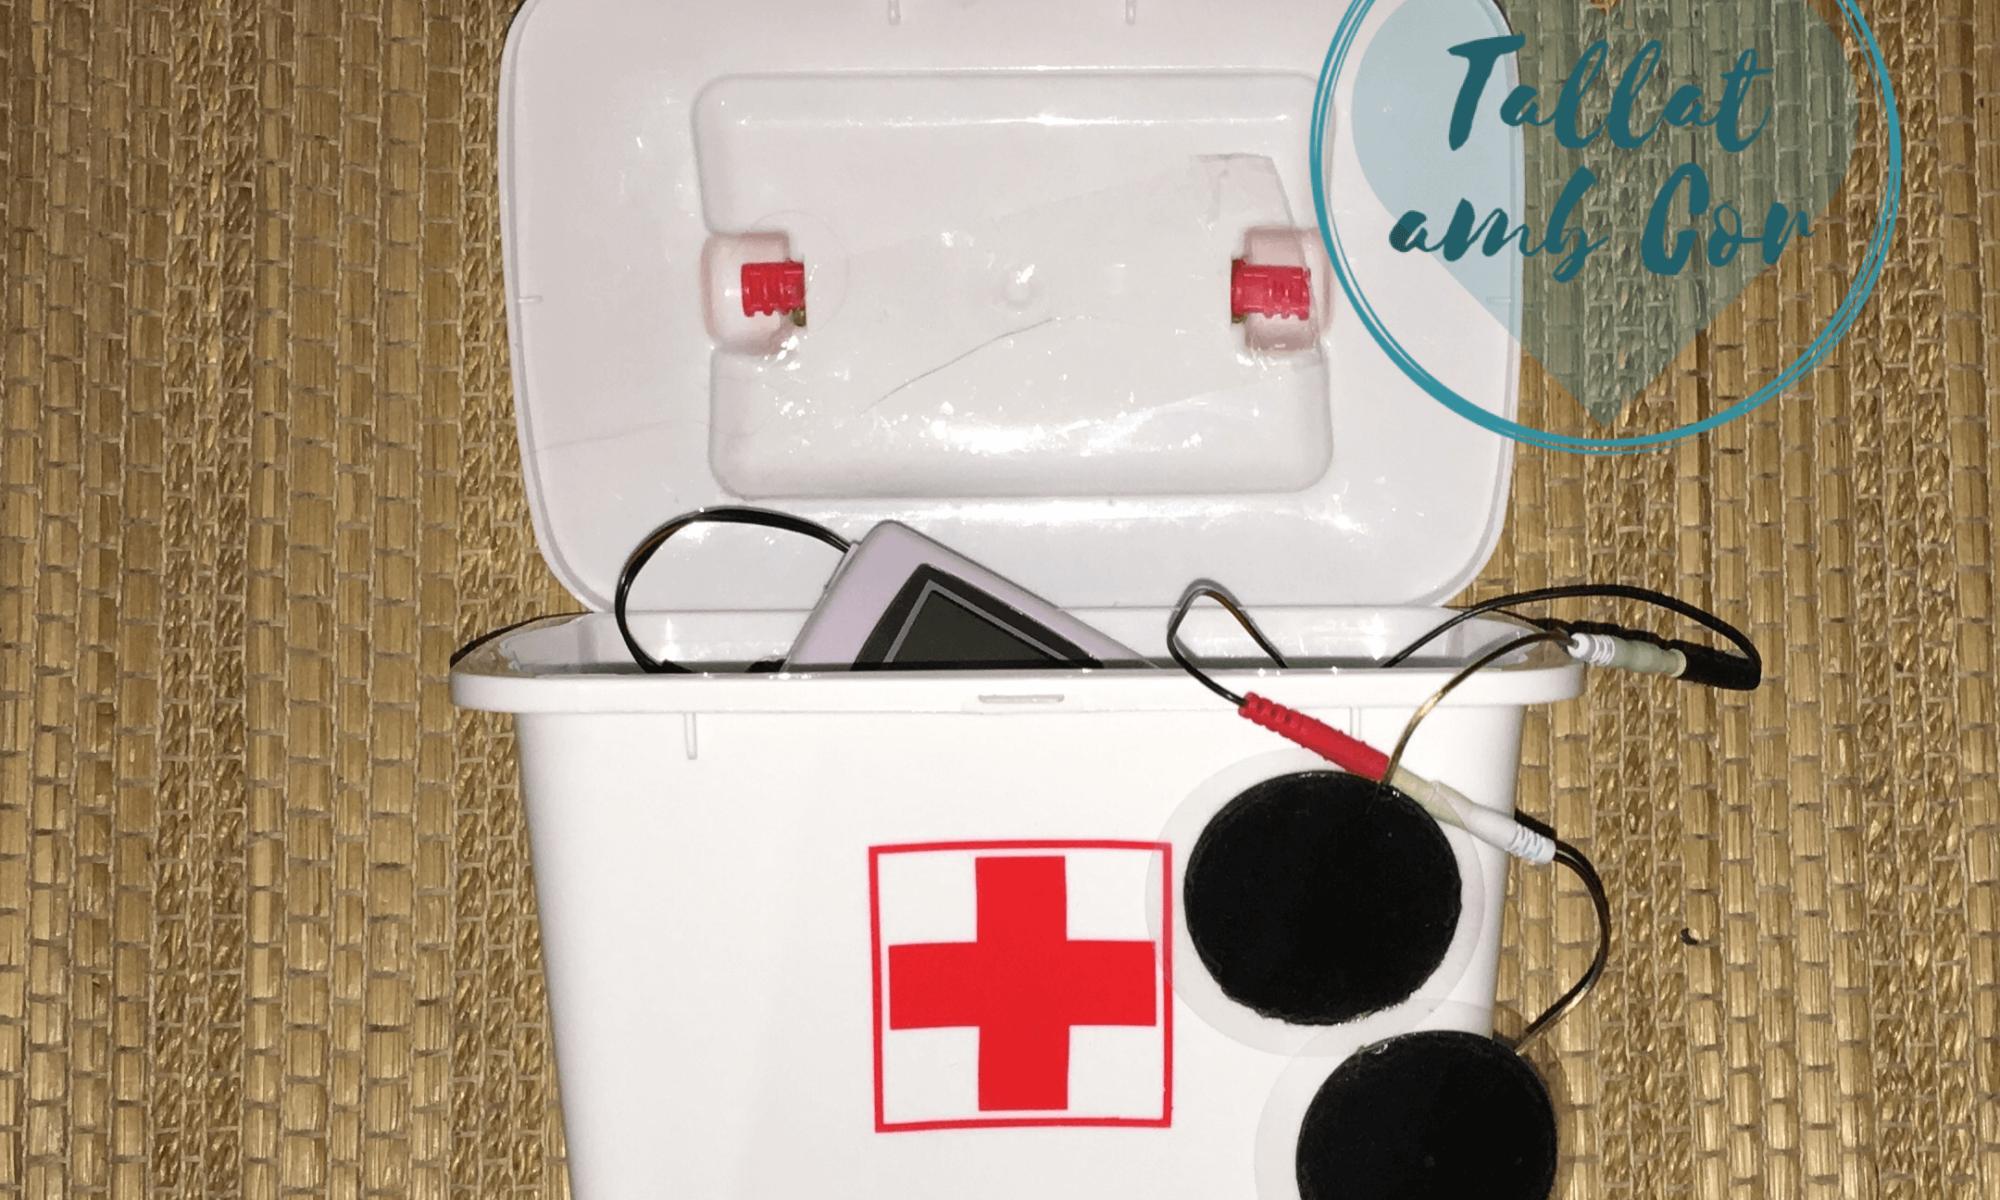 Botiquín blanco abierto con cruz roja y del interior asoma unos electrodos de un TENS, aparato usado en rehabilitación